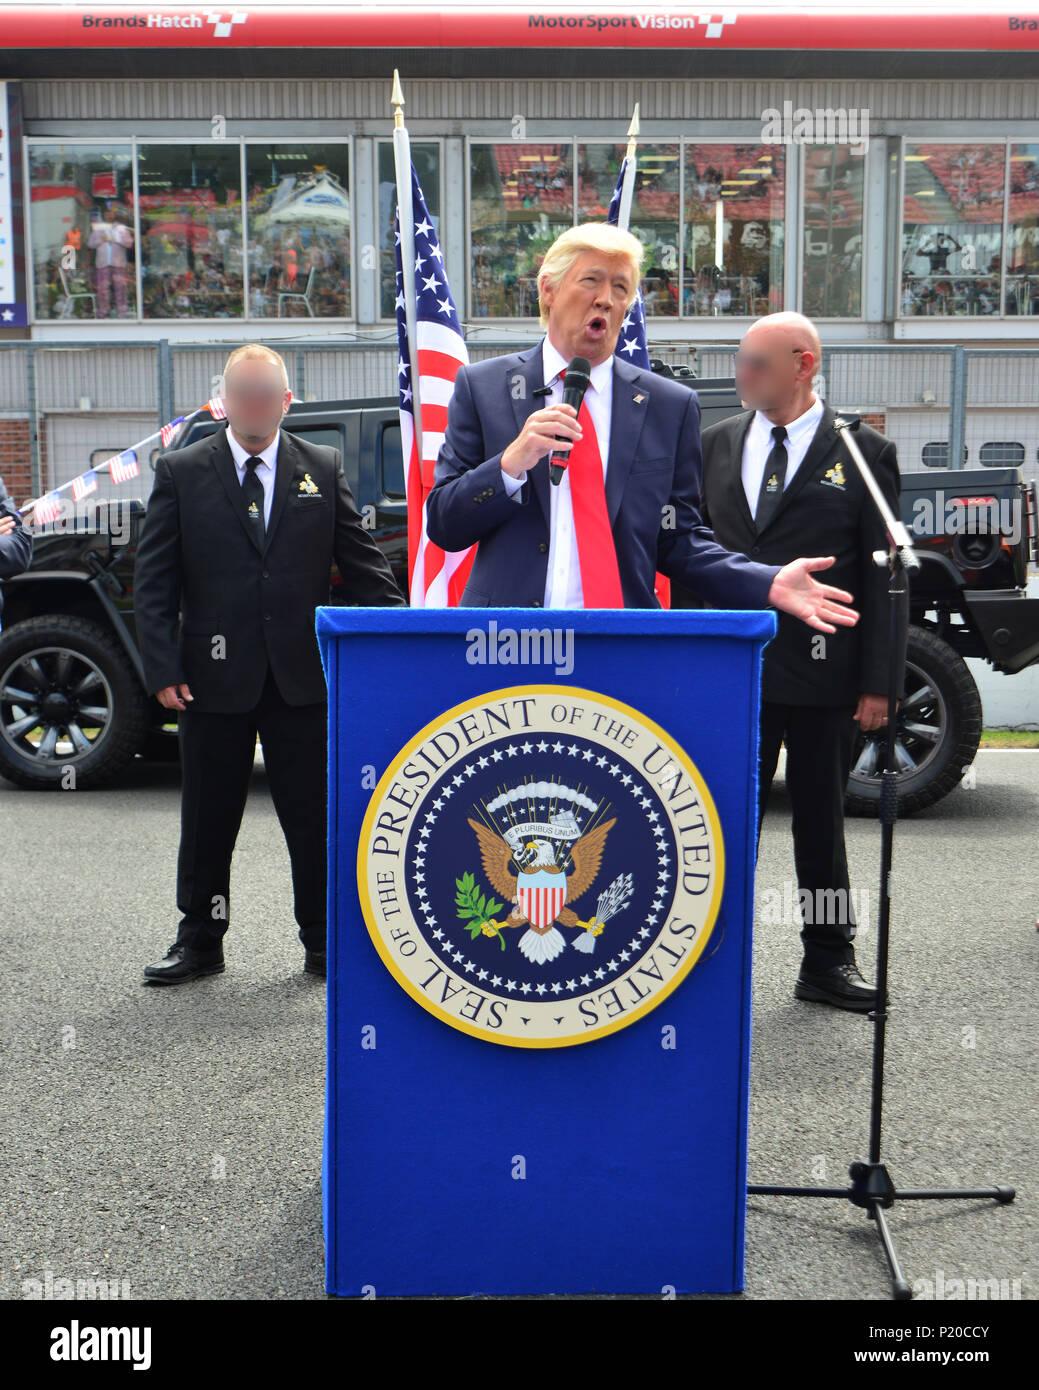 Nicht der Präsident, Donald Trump, Amerikanische Speedfest VI, Brands Hatch, Juni 2018, Automobile, Autosport, Autos, Rundstrecke, England, Unterhaltung, Stockbild